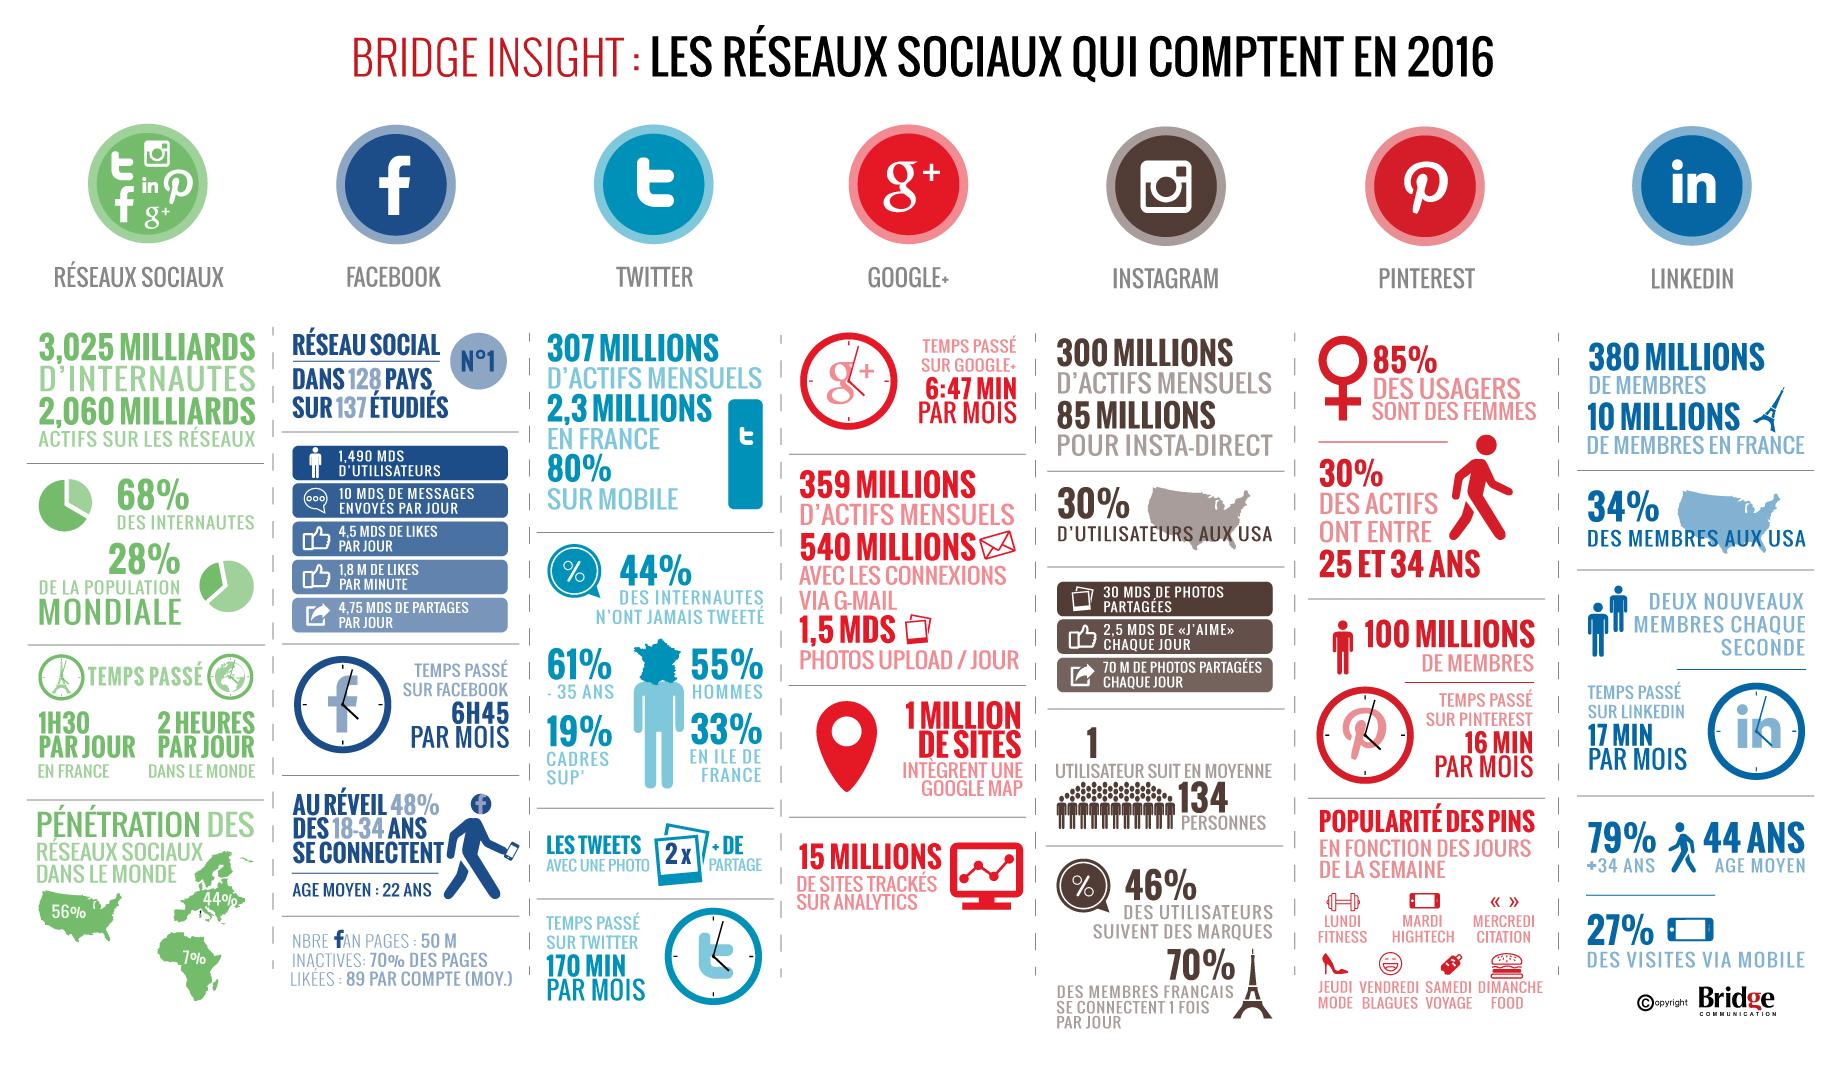 Insight réseaux sociaux